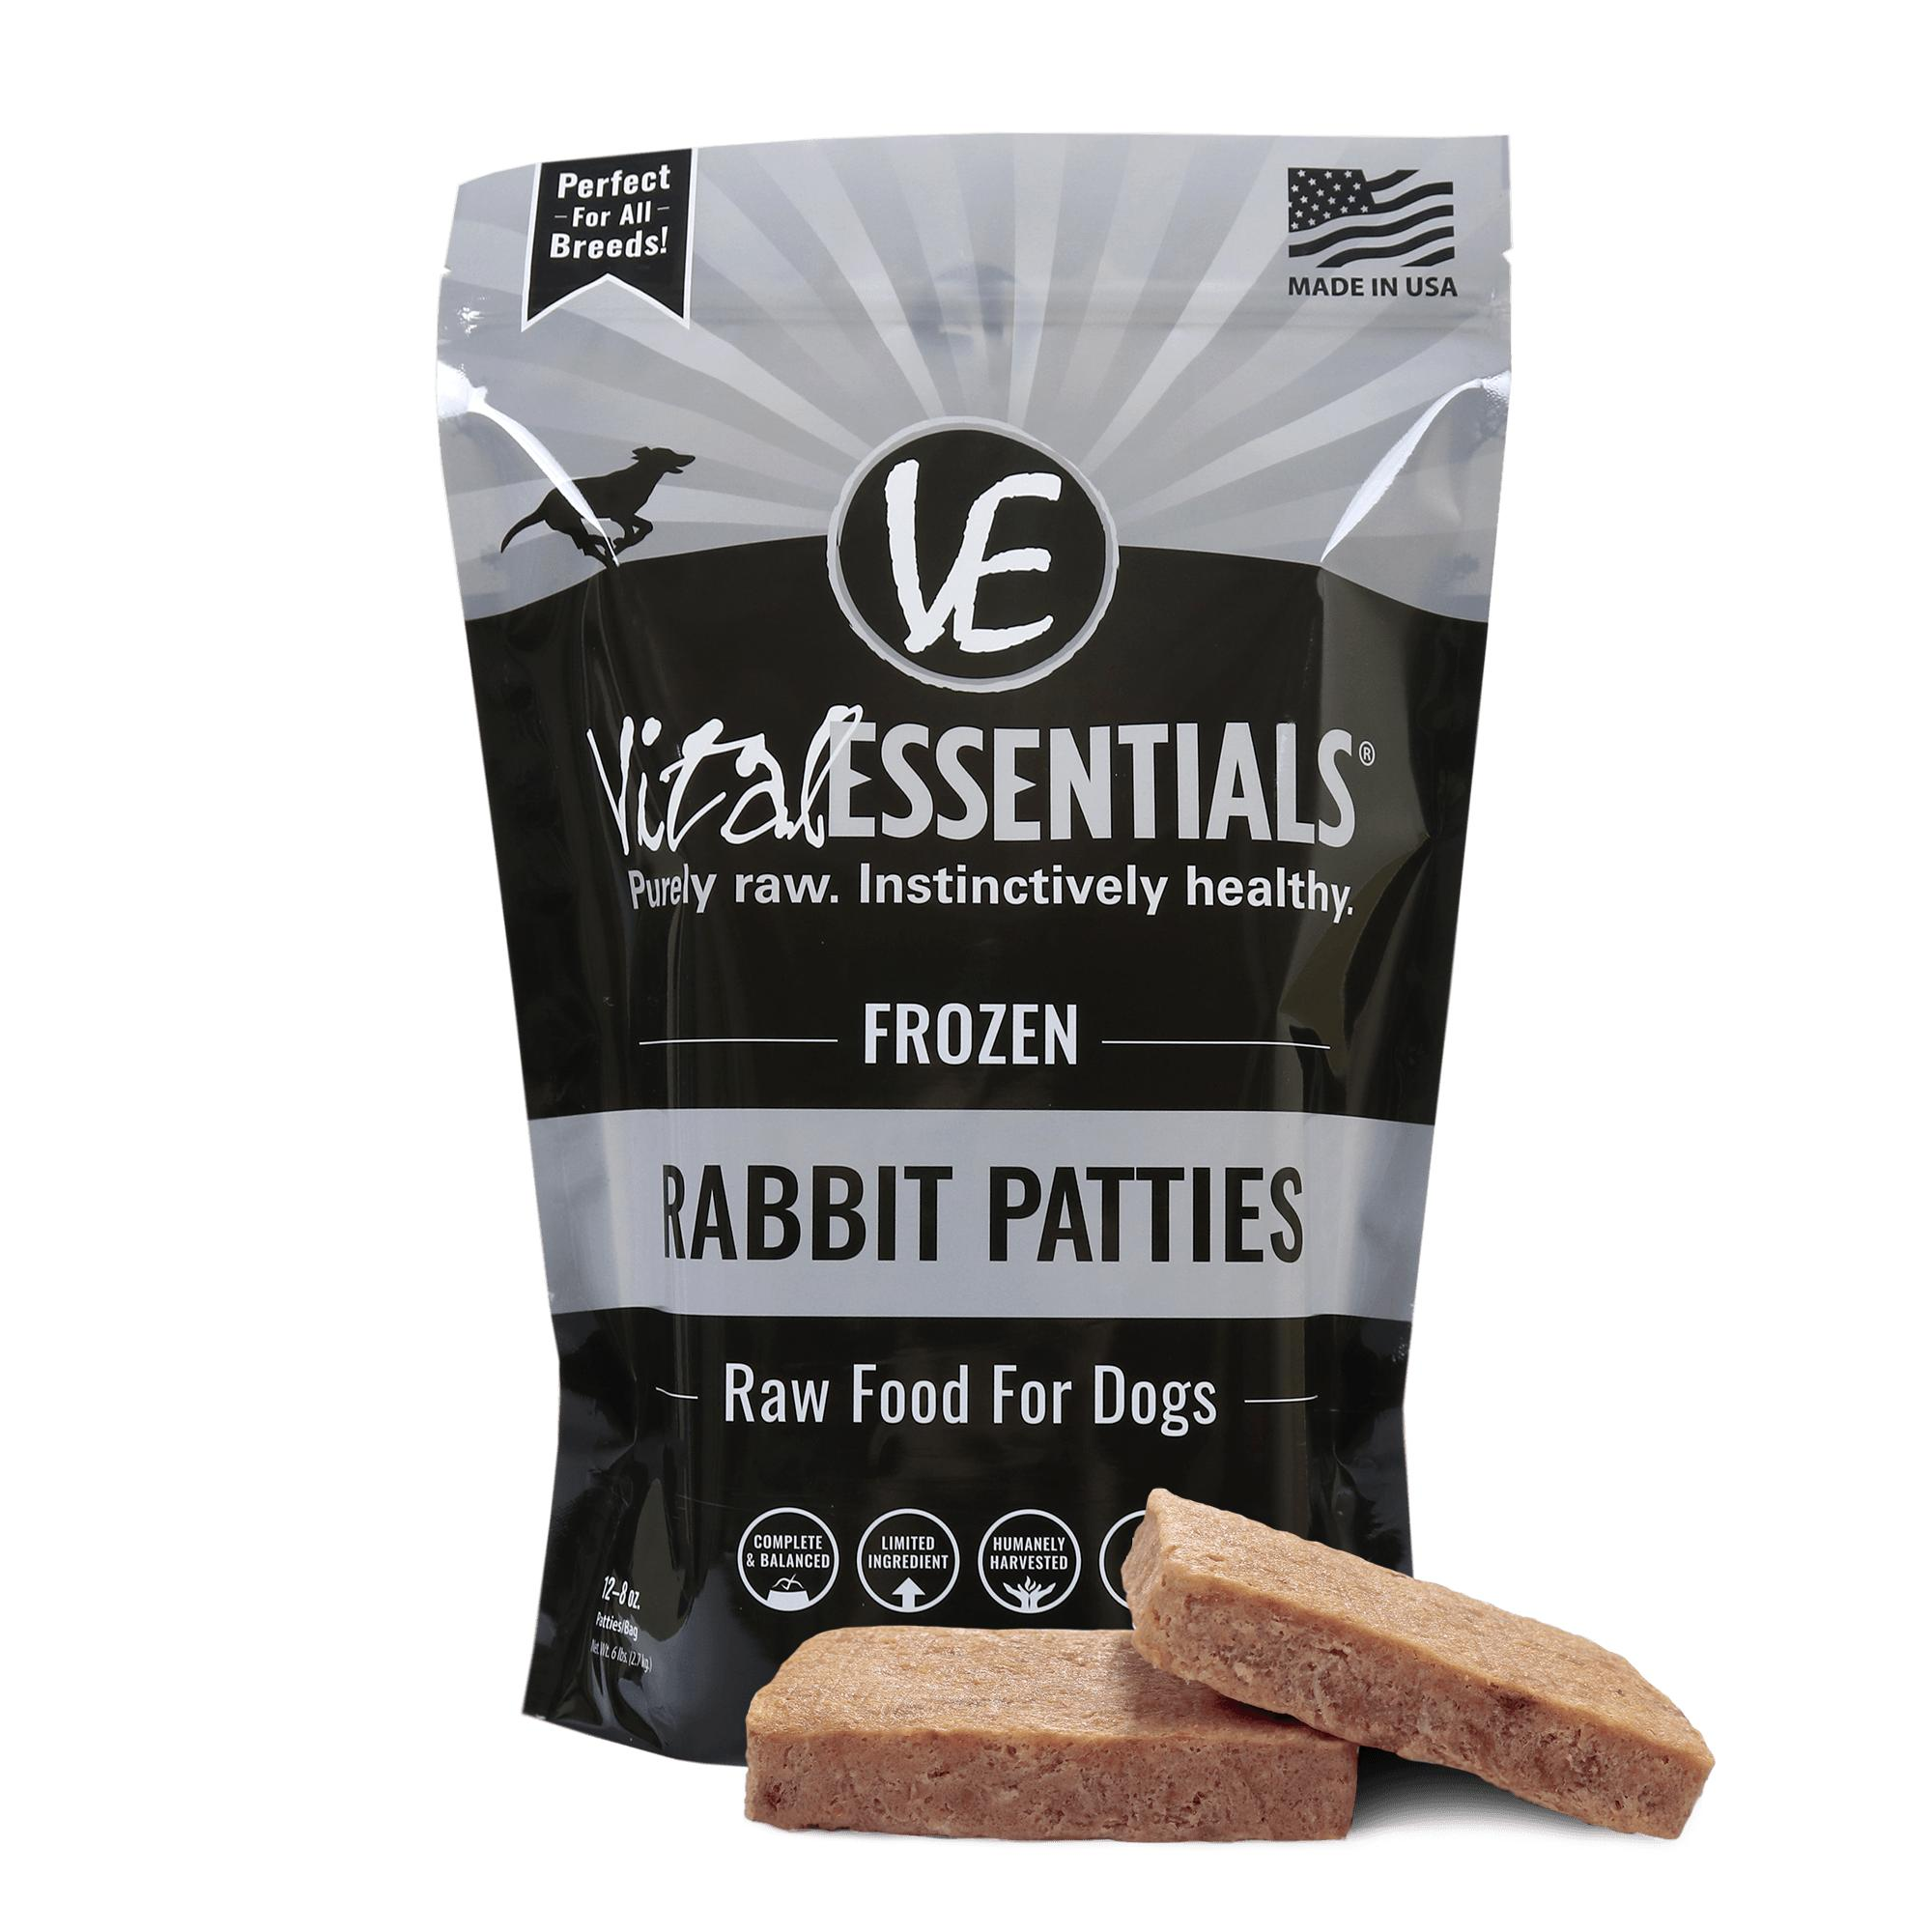 Vital Essentials Rabbit Patties Raw Frozen Dog Food, 6-lb